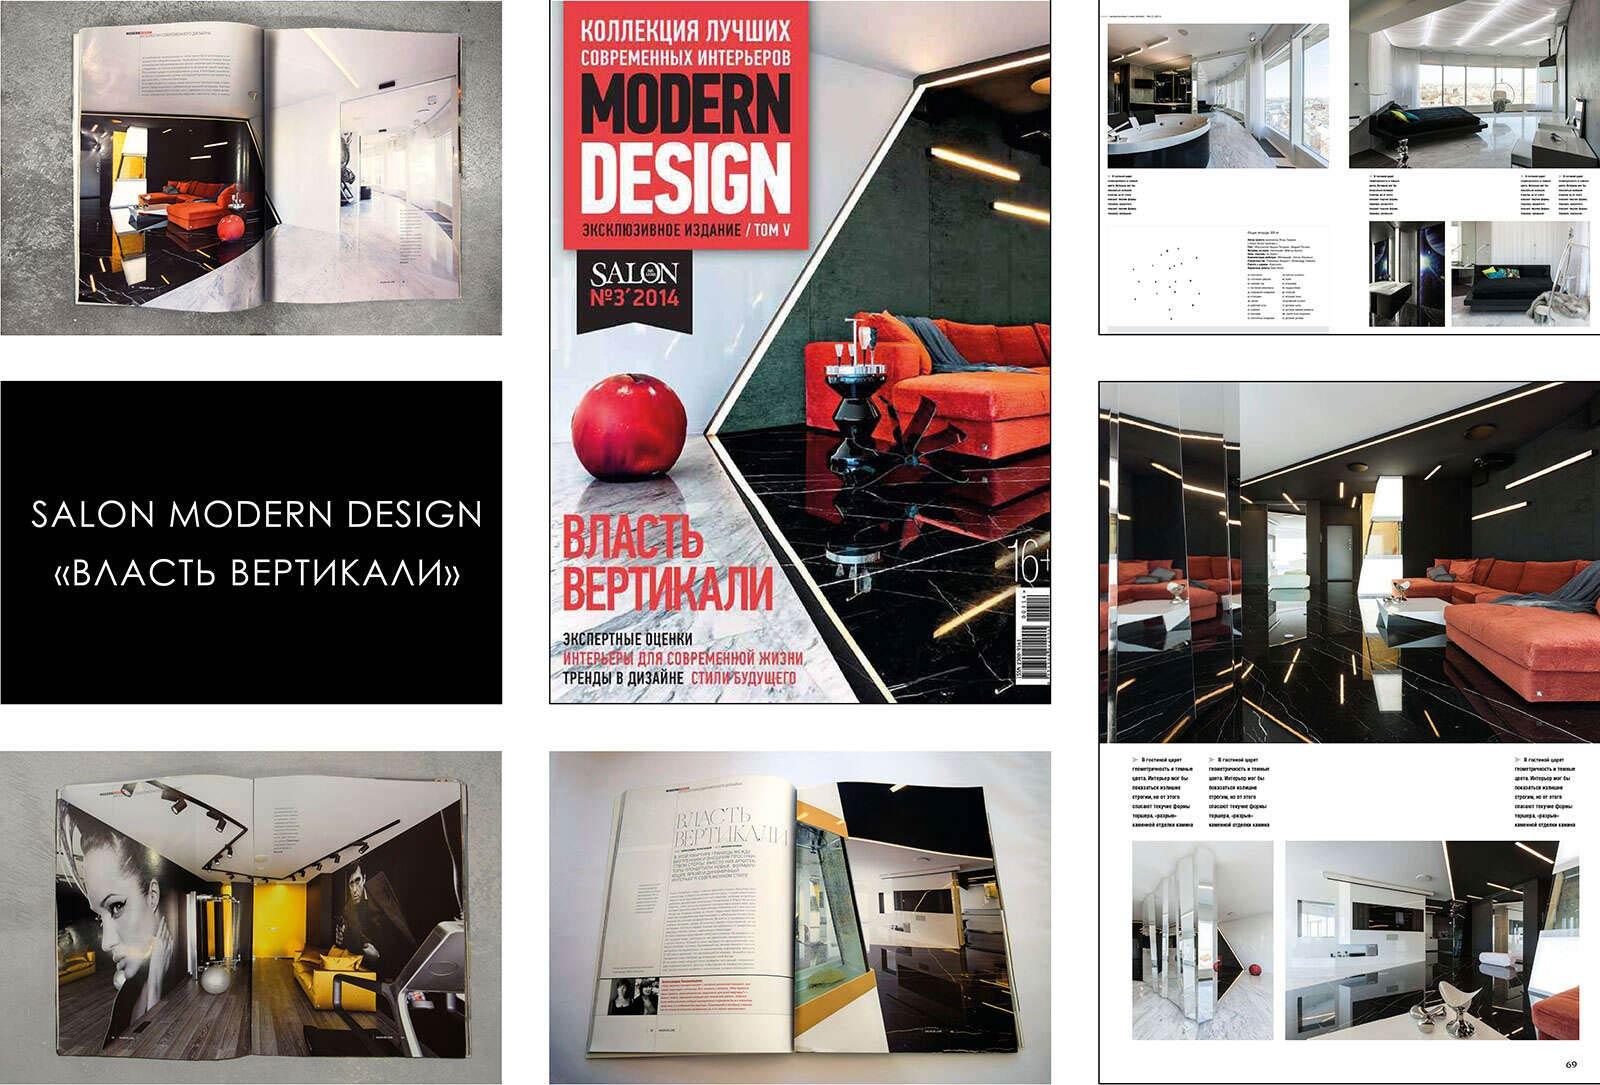 Коллекция лучших современных интерьеров. Modern Design №3 2014